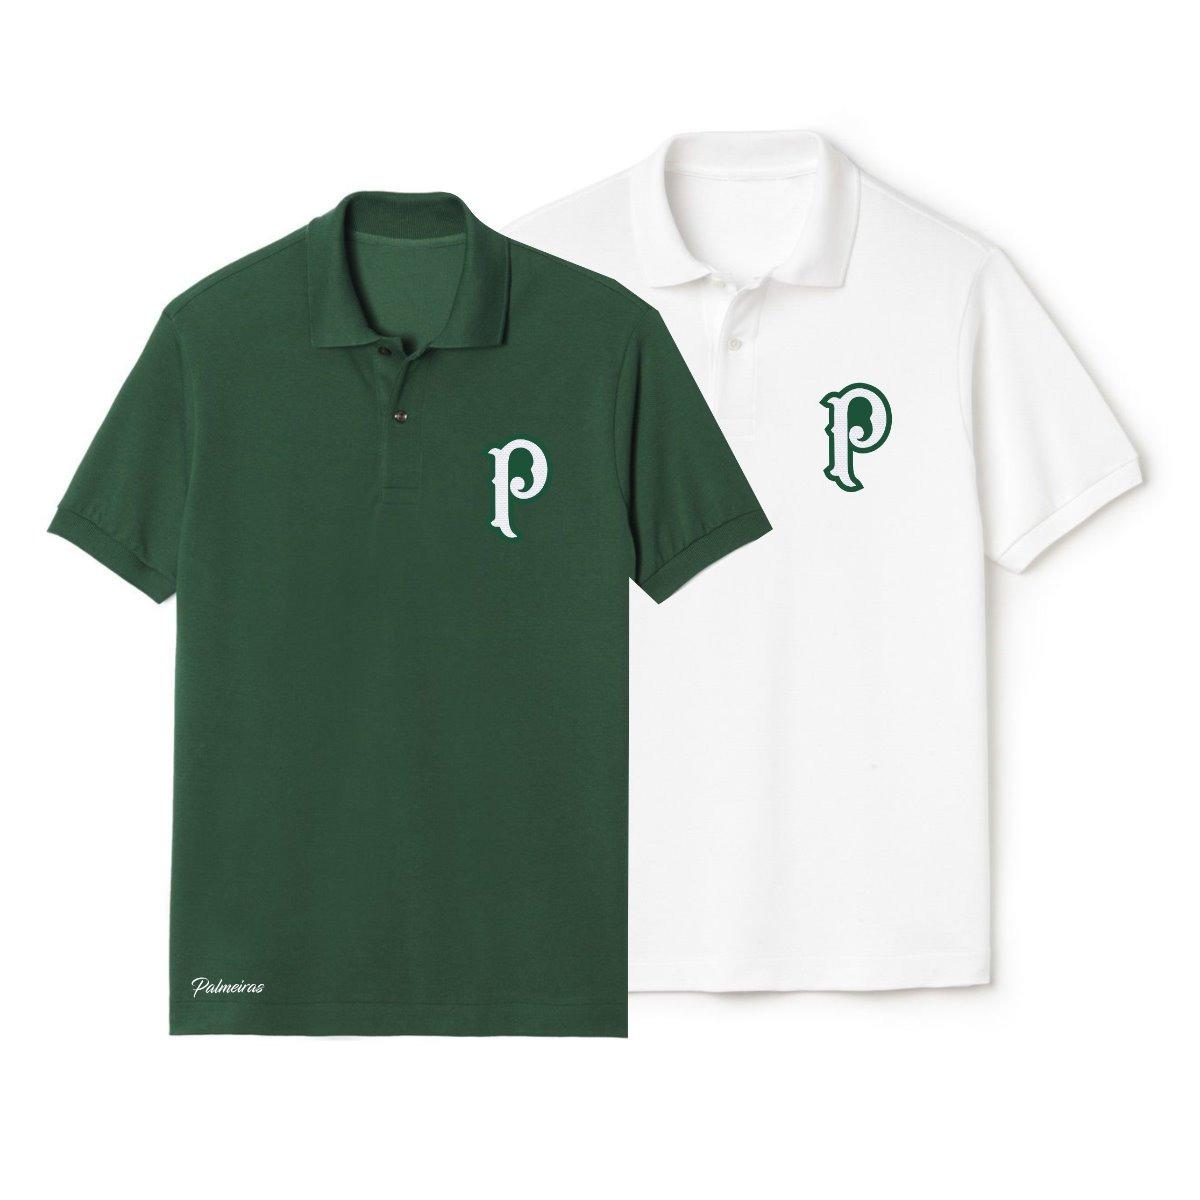 9e7b361058 kit 2 camisa polo palmeiras bordado torcedor personalizado. Carregando zoom.